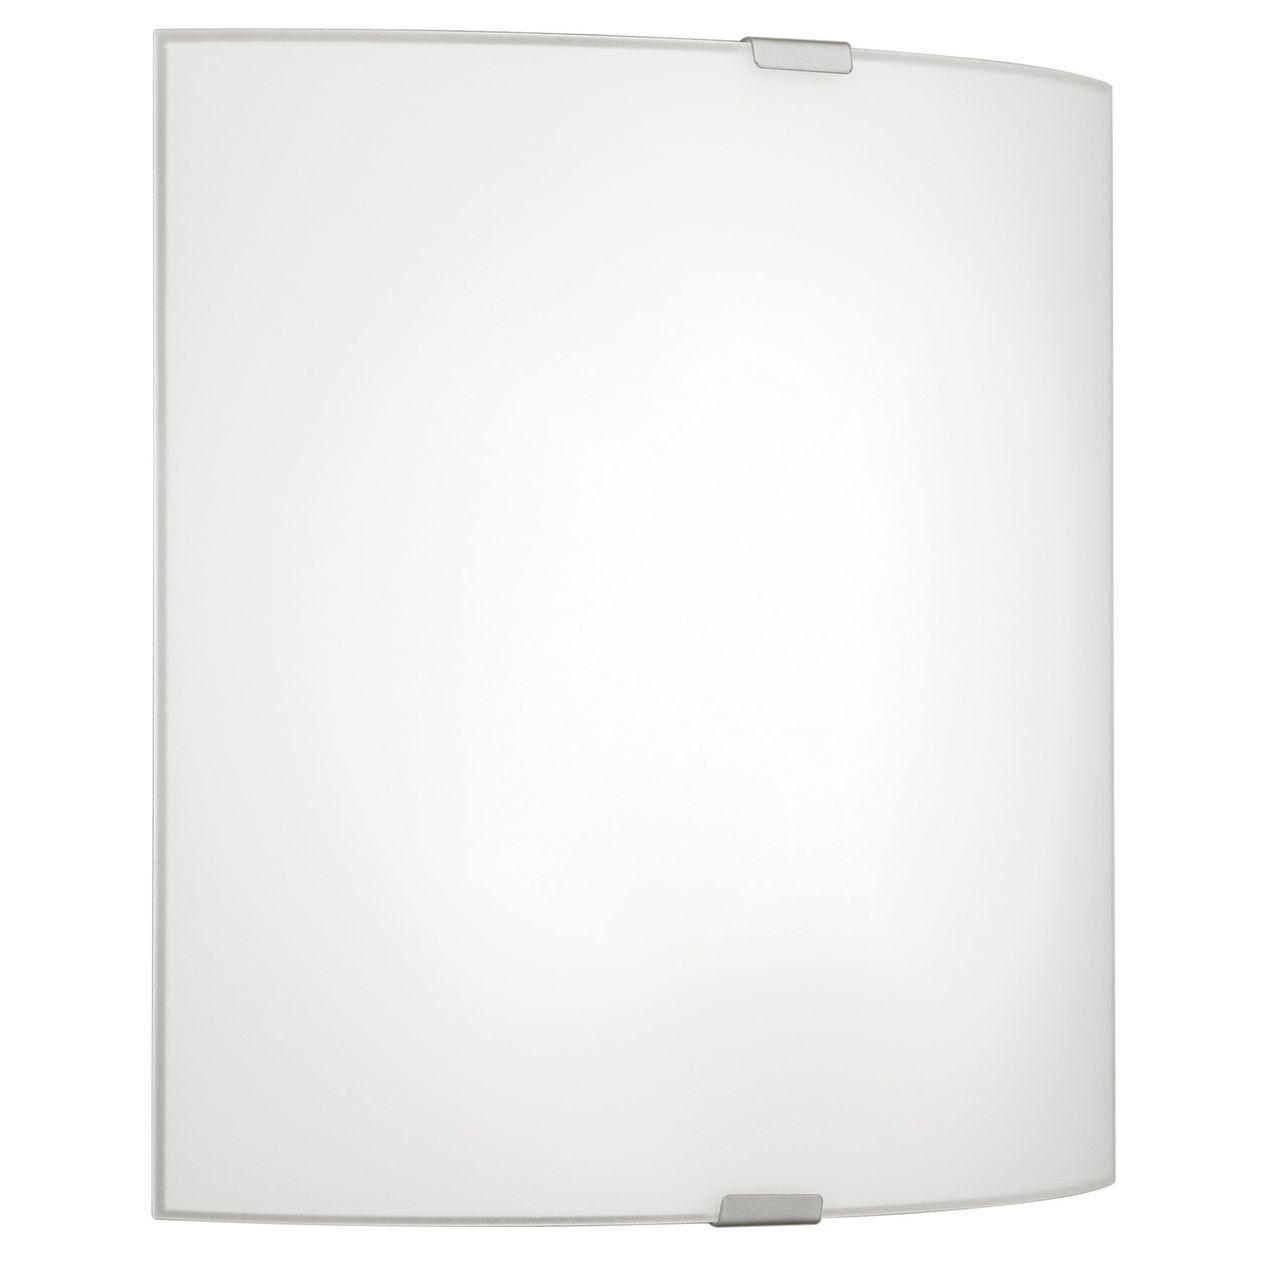 Потолочный светильник Eglo Grafik 84026 цена 2017